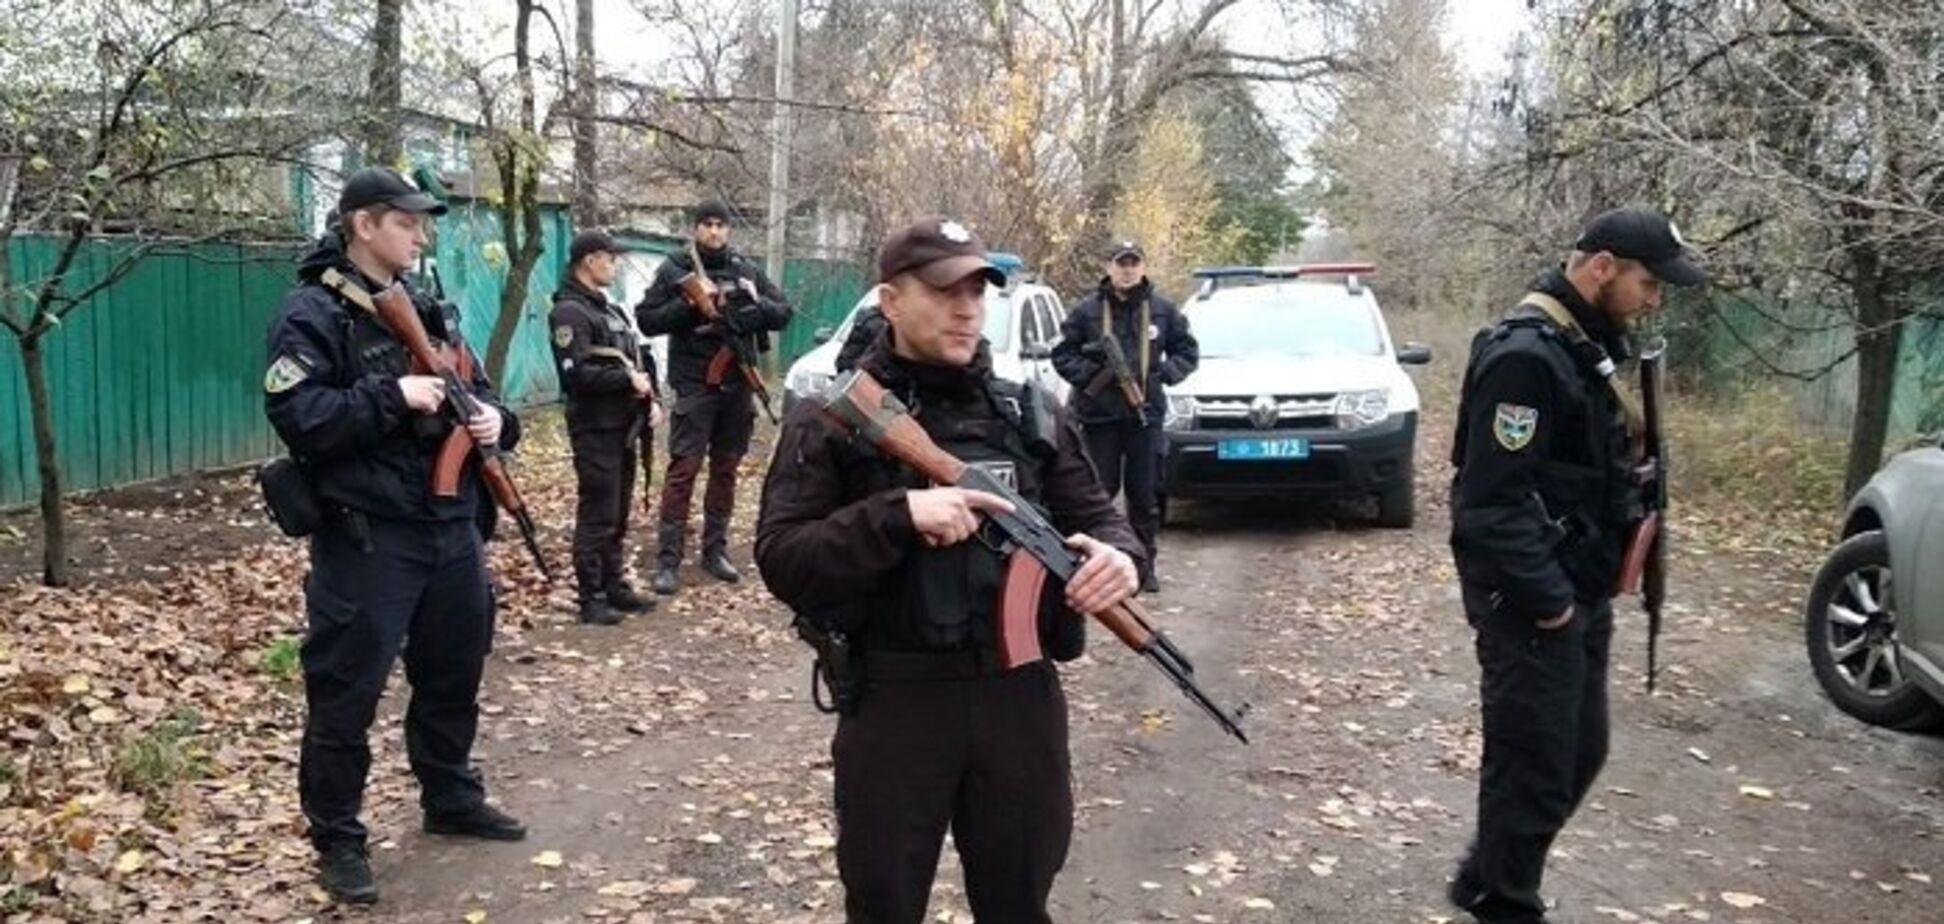 В Золоте до бійців 'Нацкорпусу' нагрянула поліція: що відомо